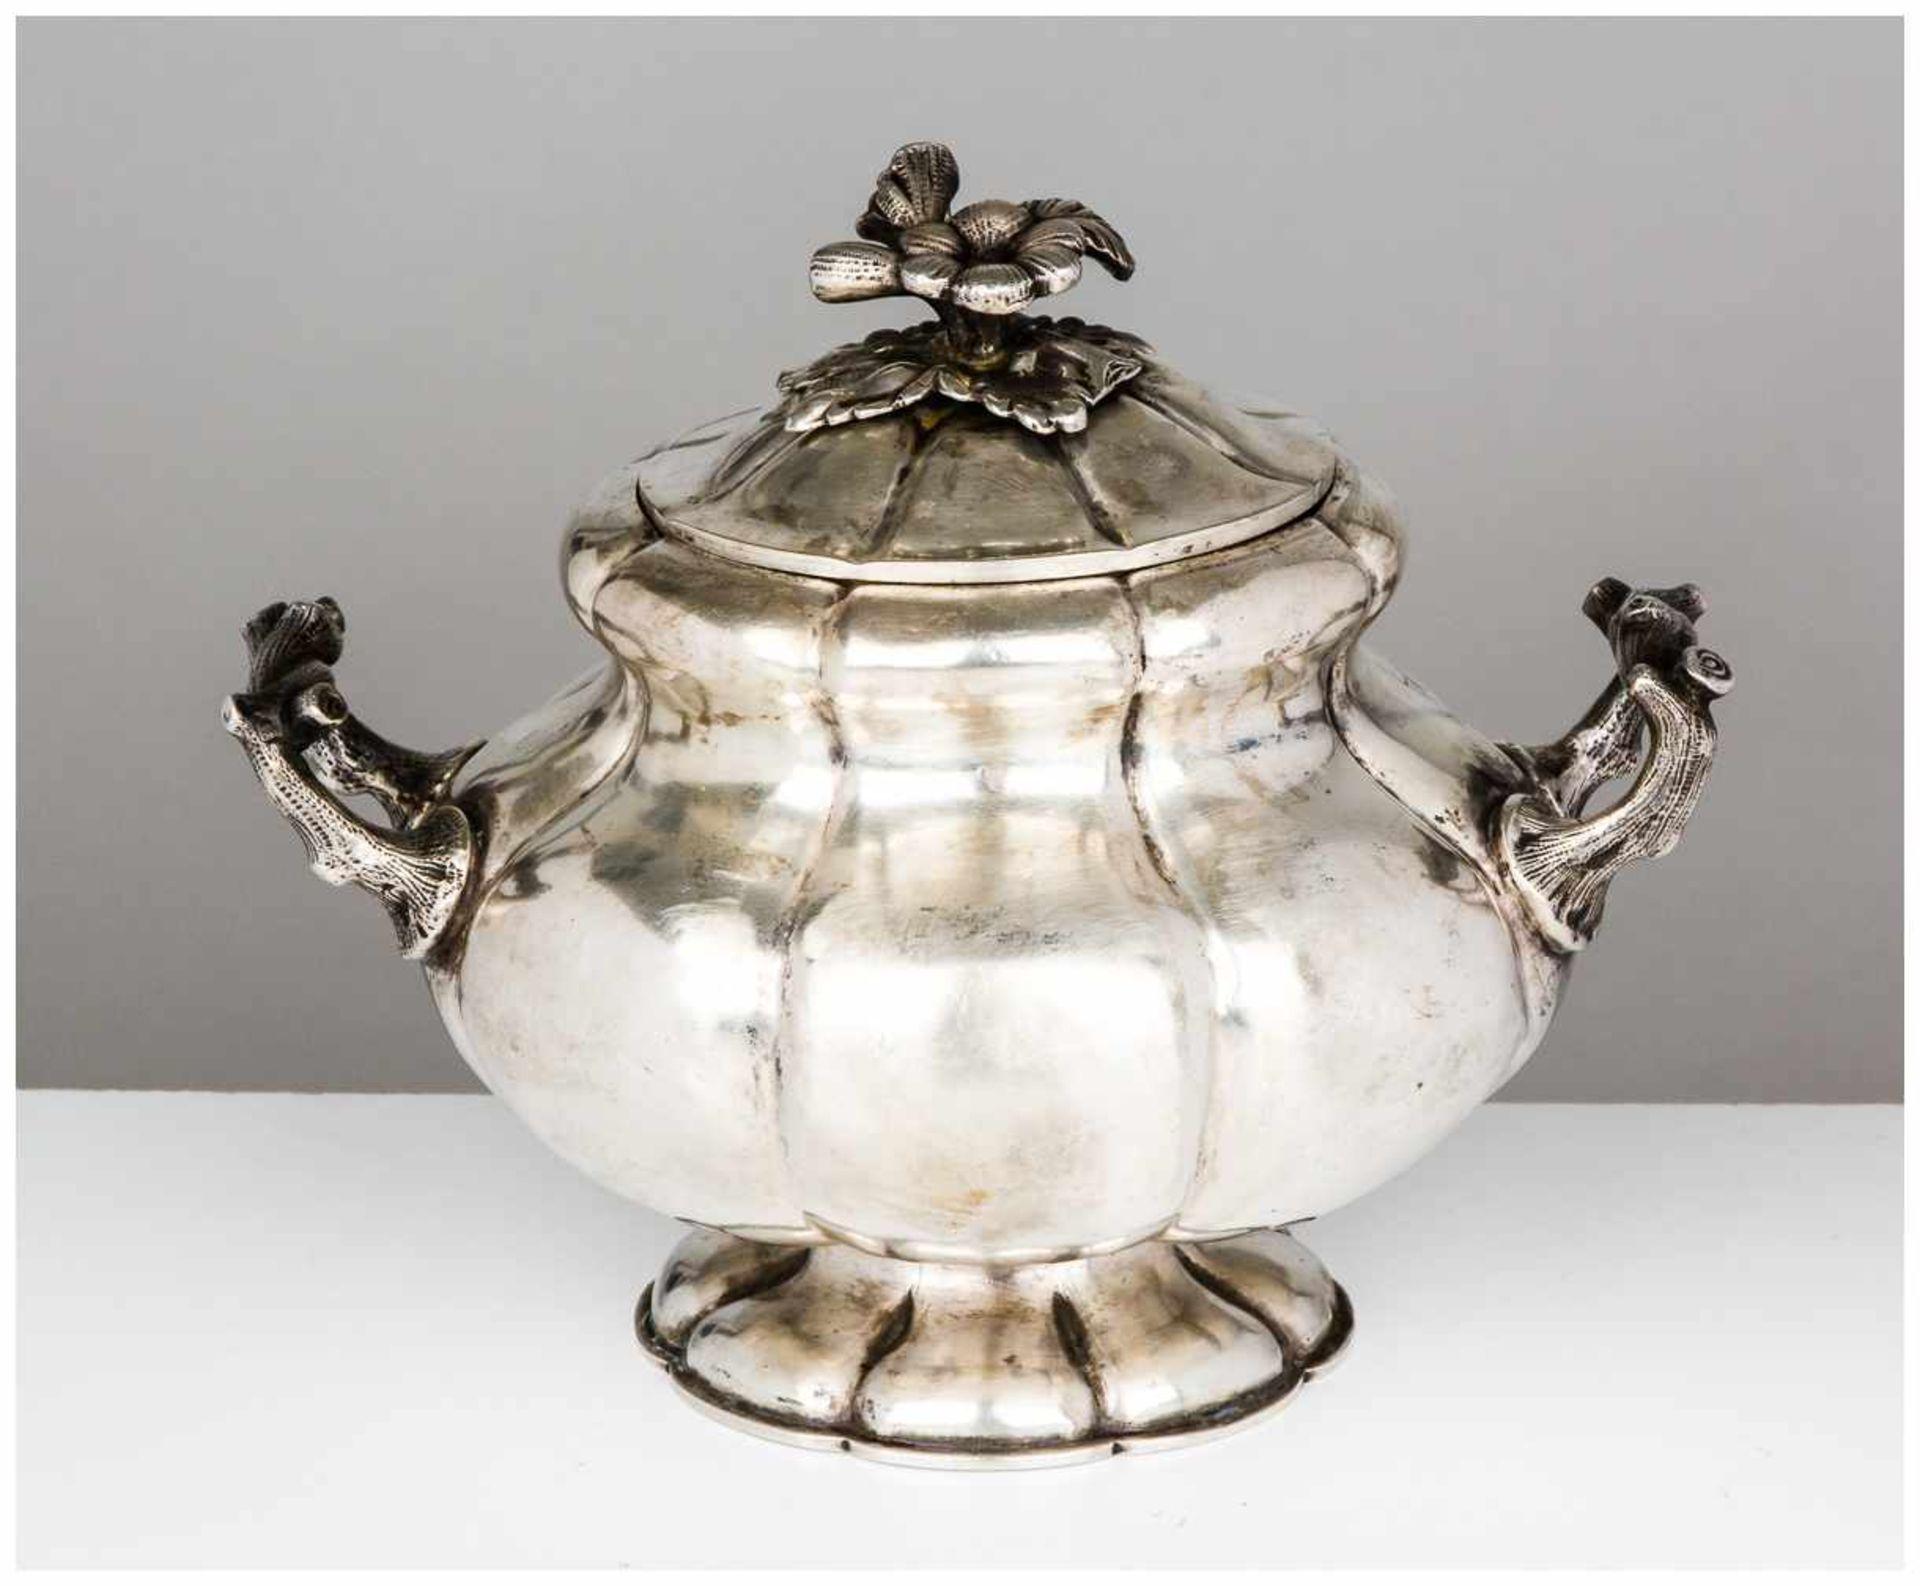 Los 20 - Zuckerdose St. Petersburg, 1858 Silber, innen vergoldet, 483g Beschaumeister: Alexander Mitin (